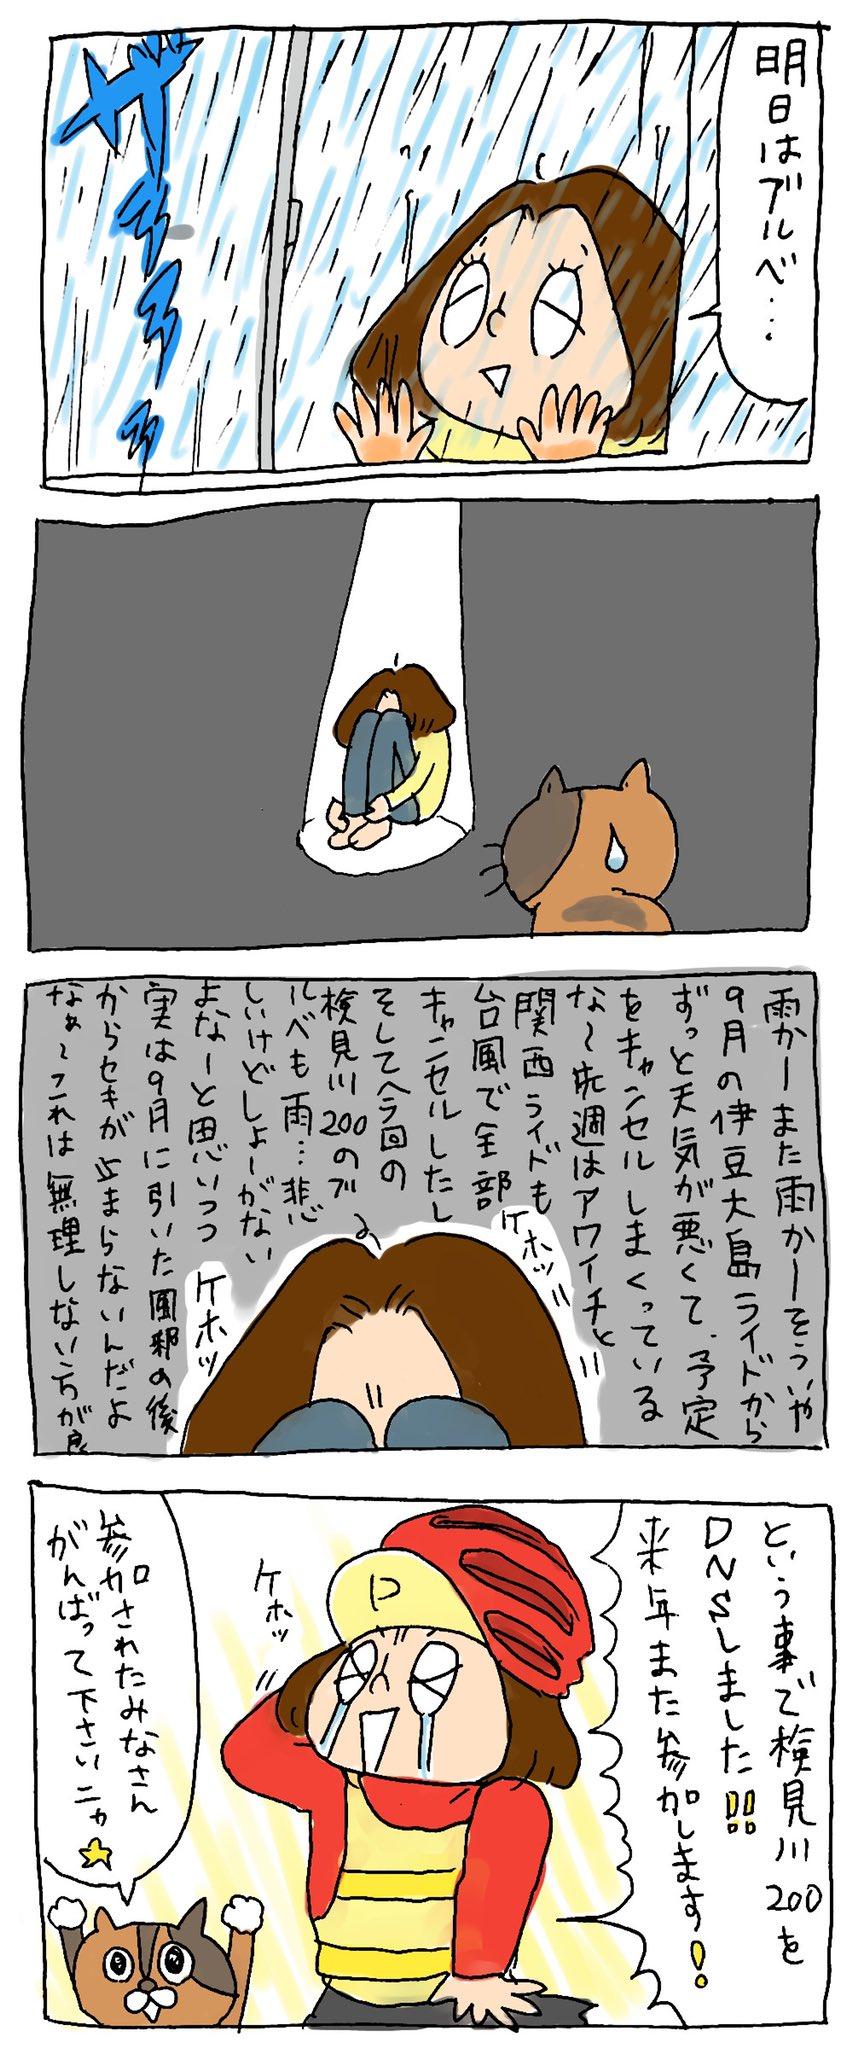 無料四コマ漫画:ブルベが雨でDNS